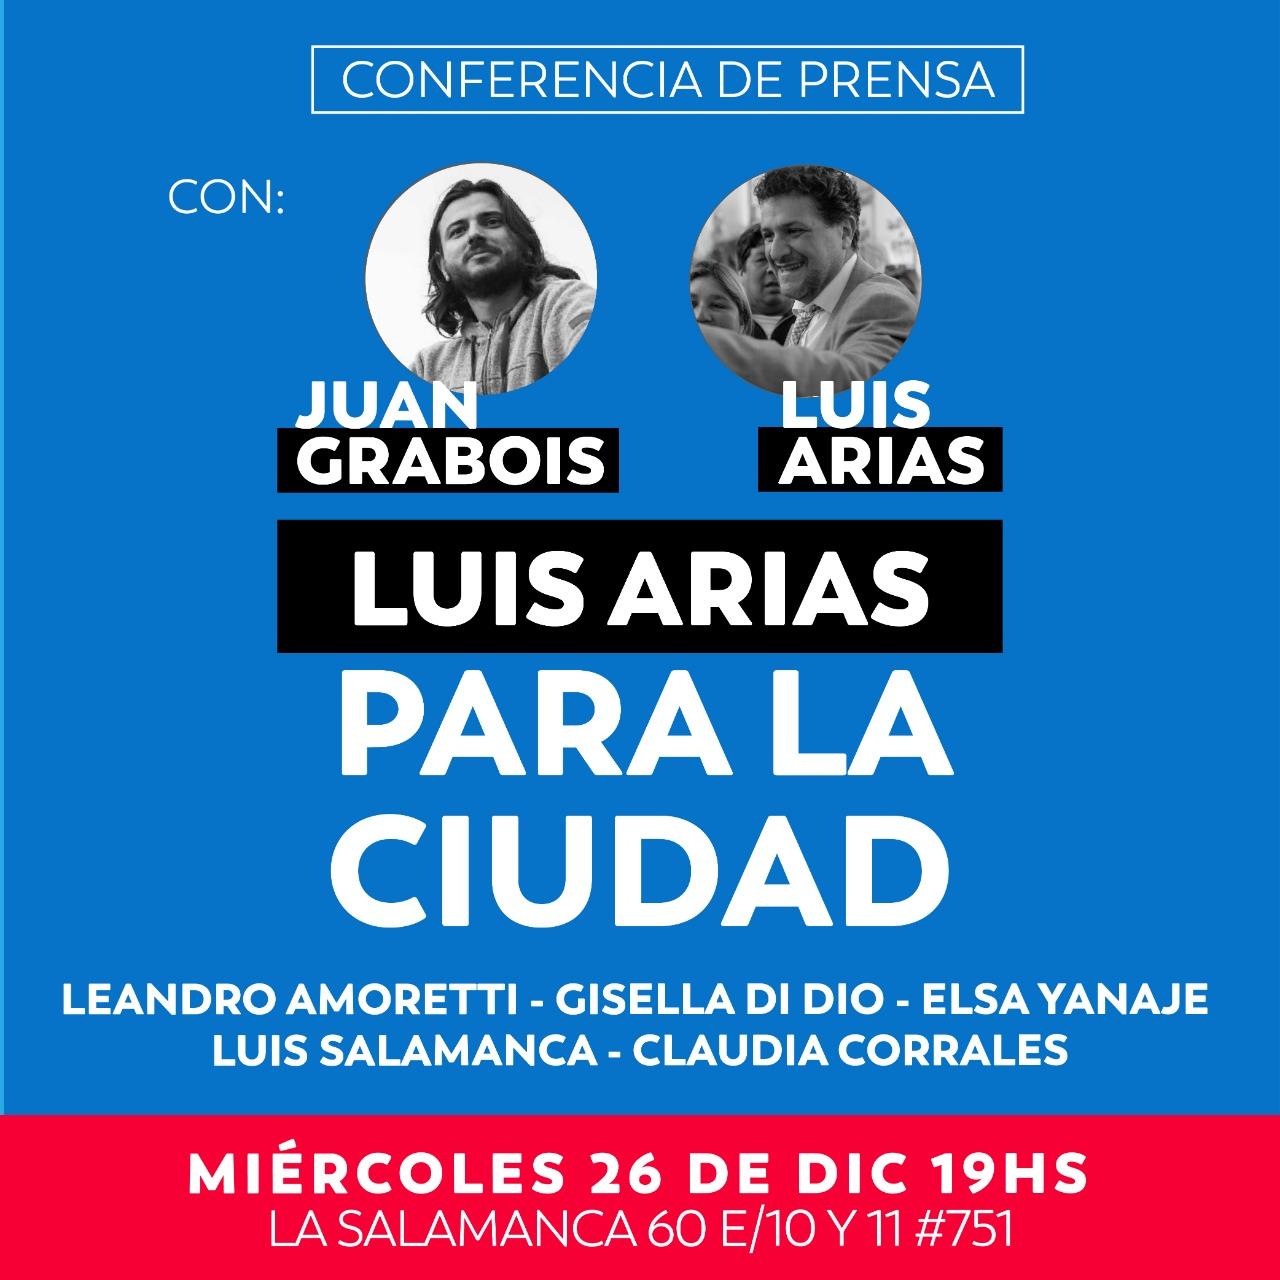 """Grabois visita La Plata y cierra el año con Luis Arias, el ex juez """"socialista"""" que se posiciona de cara al 2019"""